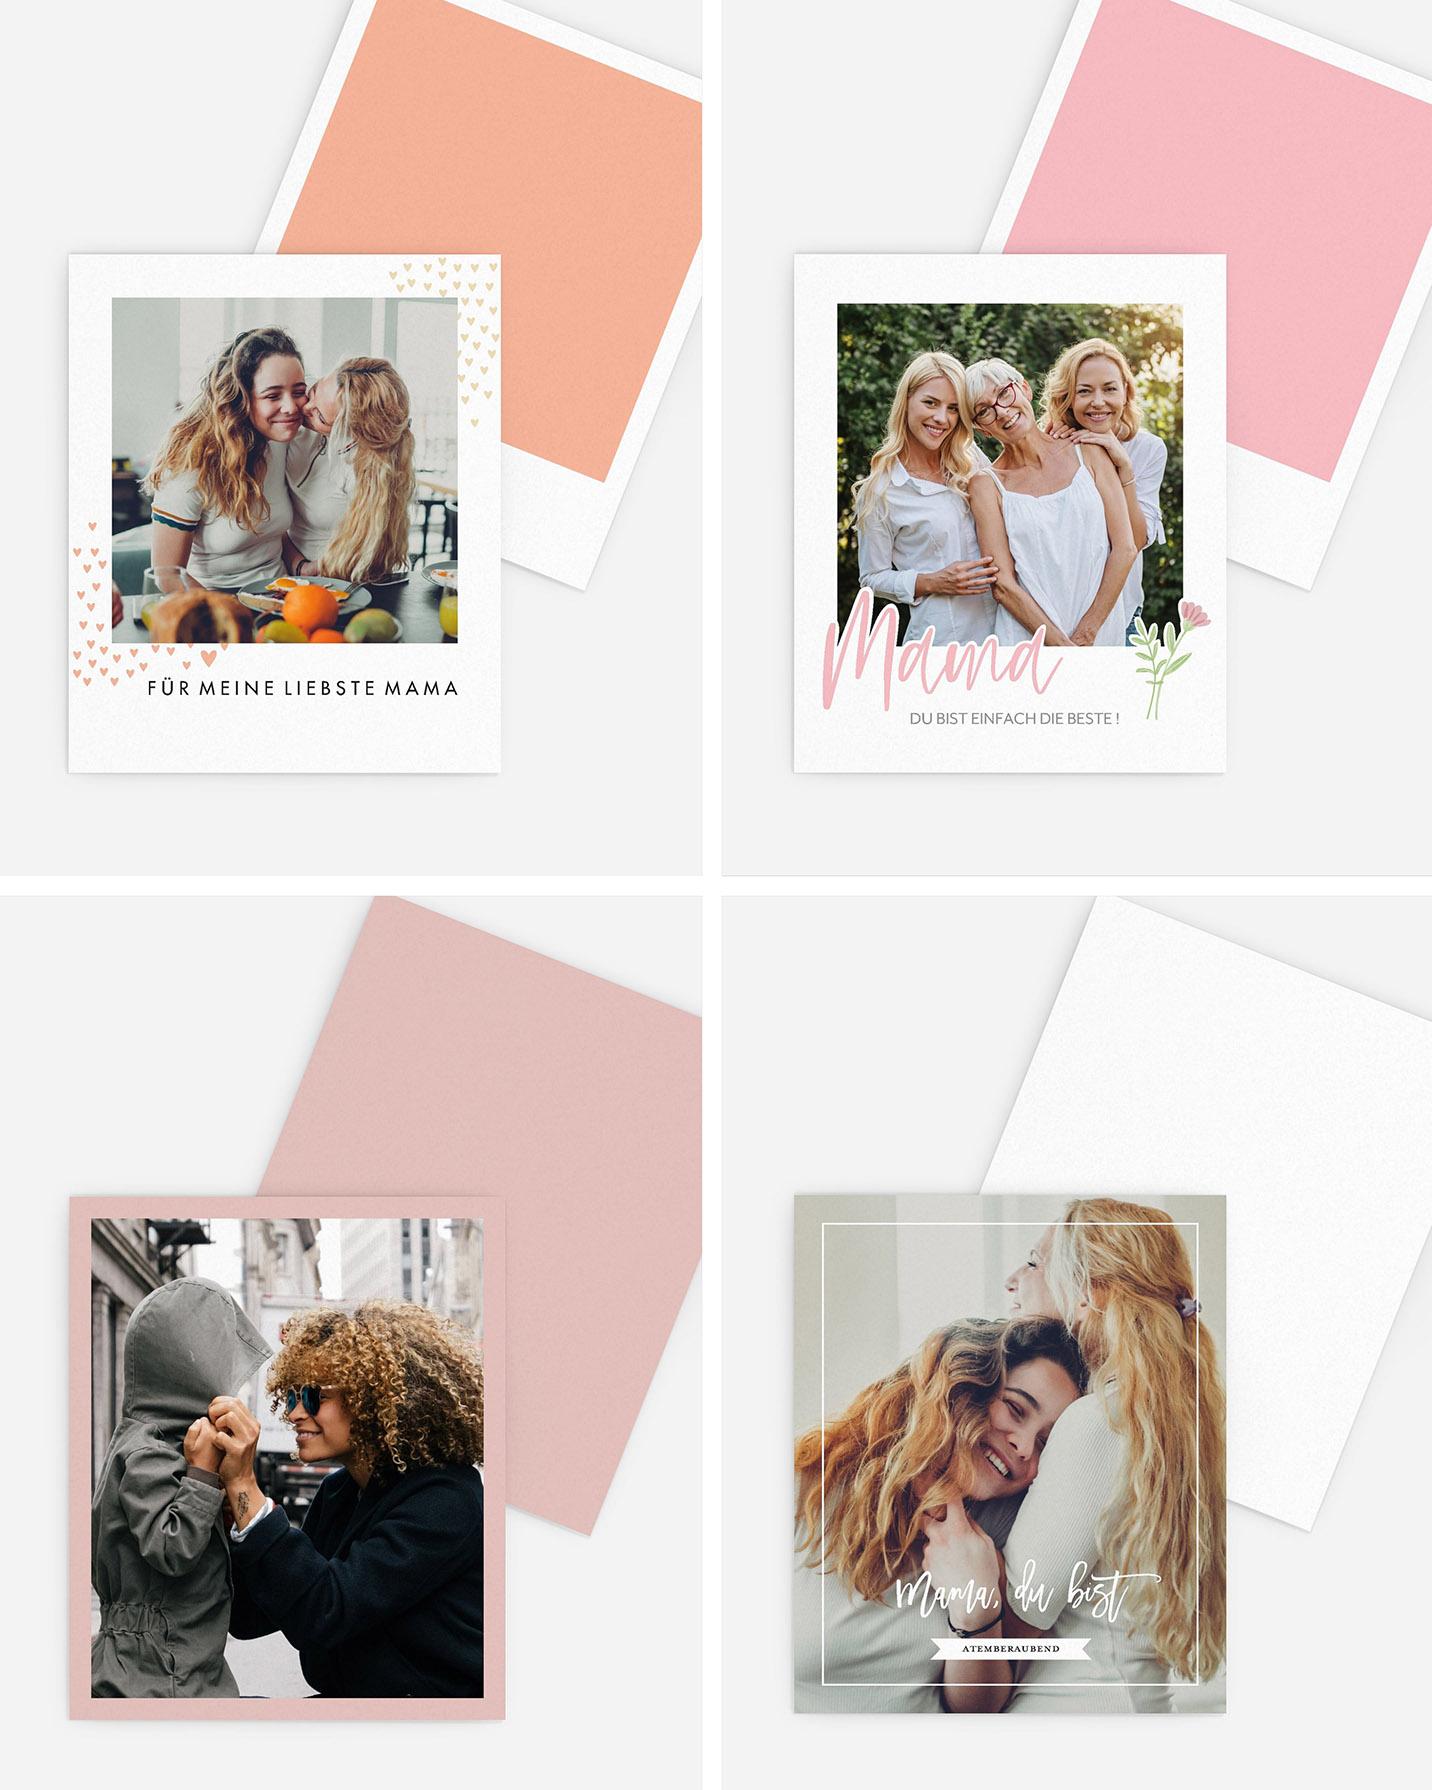 Collage aus mehreren Retro-Bildern zeigt lachende Mütter & Töchter. Süße Geschenkidee zum Muttertag.